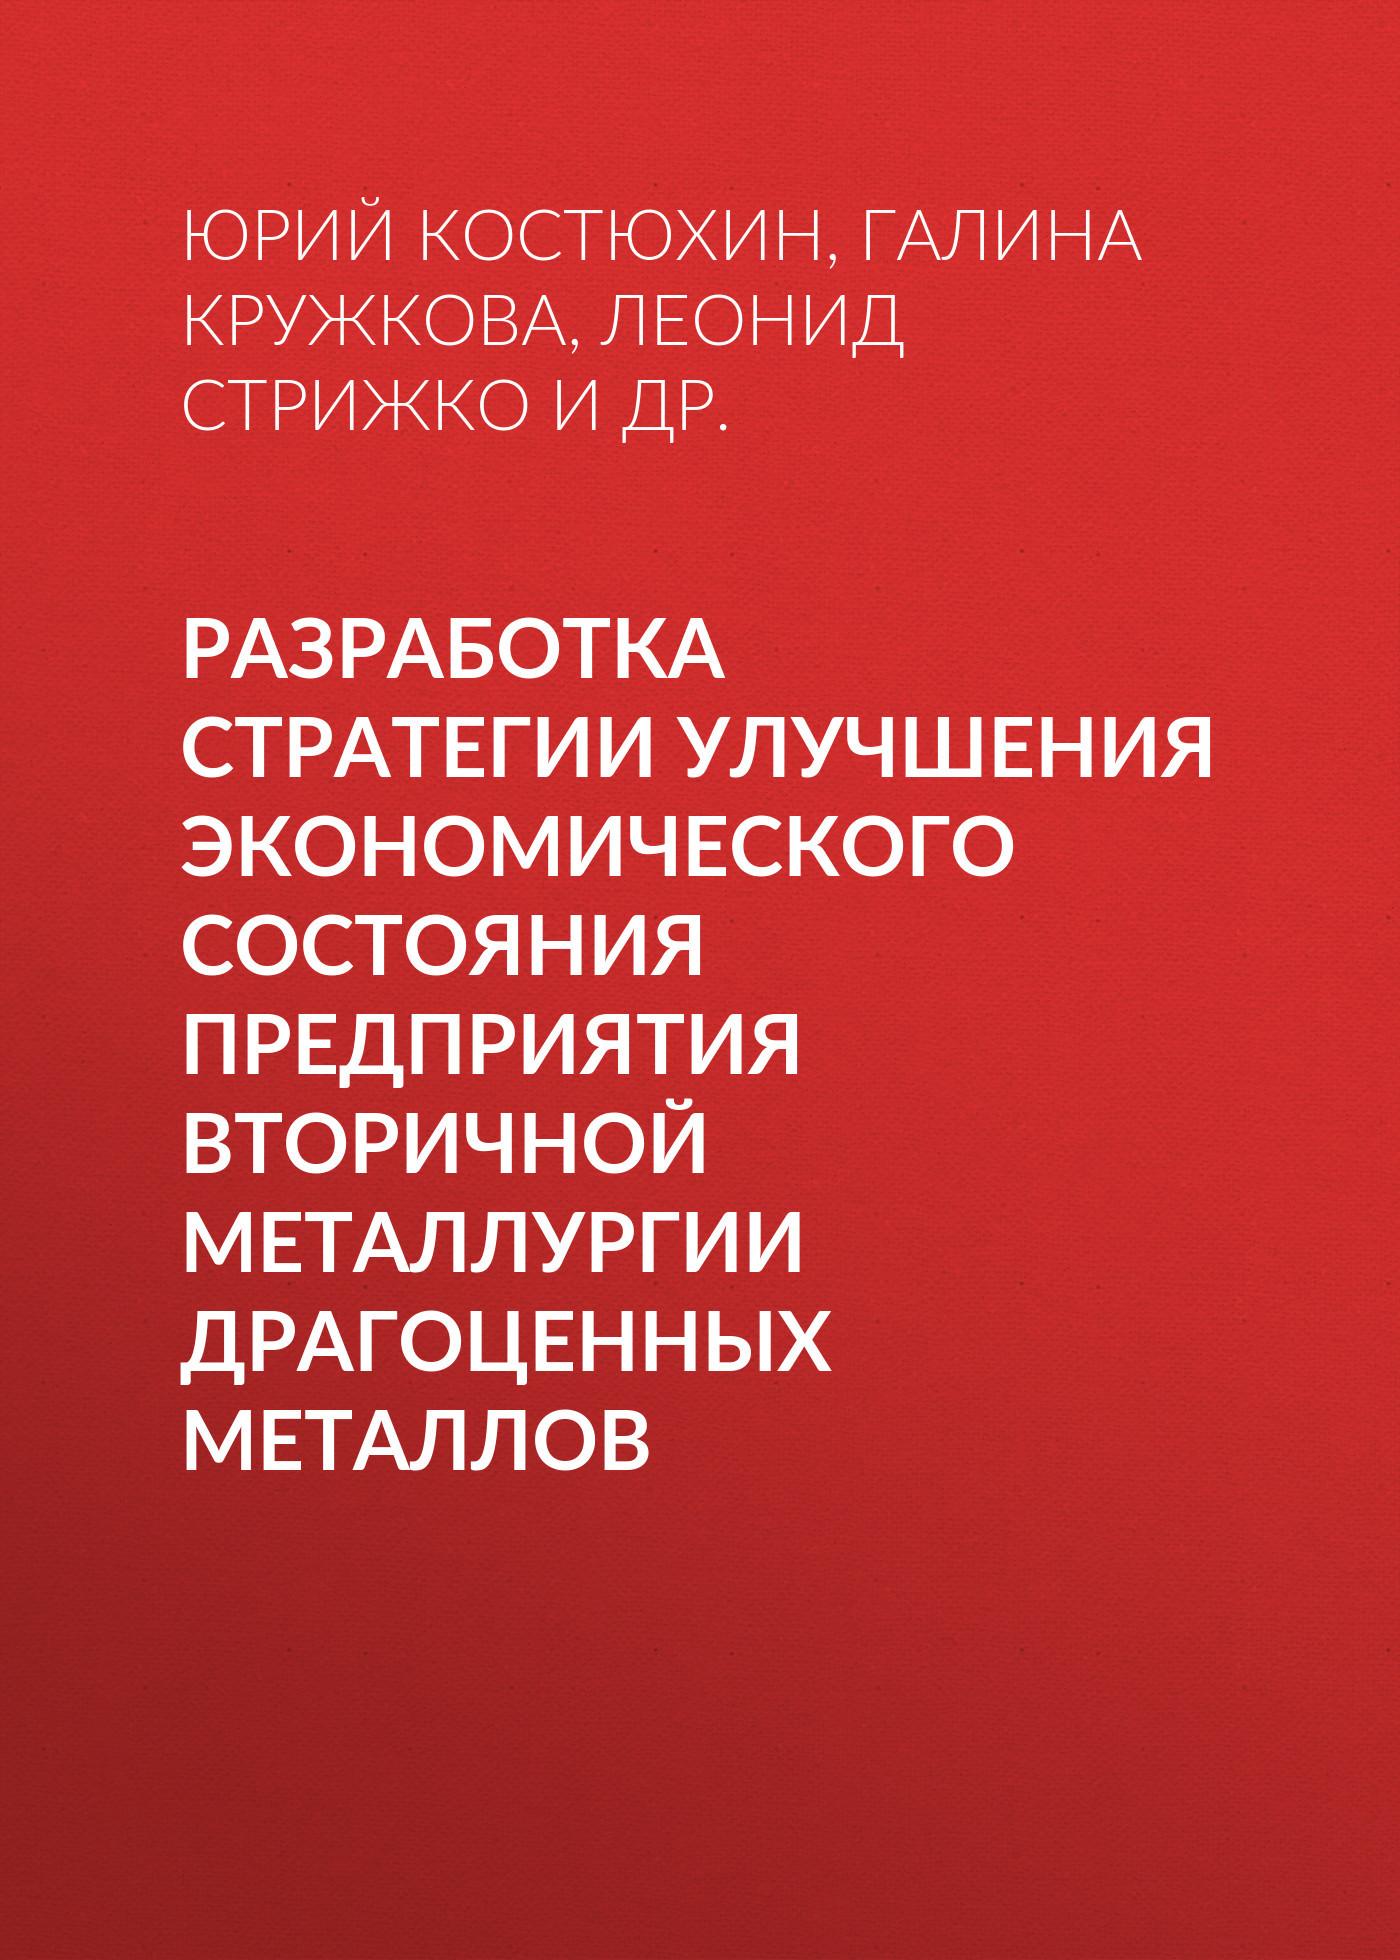 Юрий Юрьевич Костюхин Разработка стратегии улучшения экономического состояния предприятия вторичной металлургии драгоценных металлов